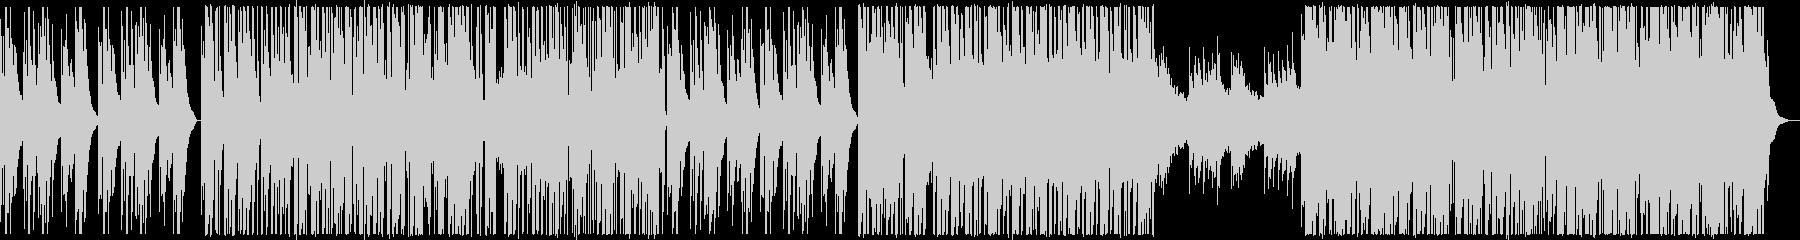 グリッチビートとジェントルなピアノの未再生の波形